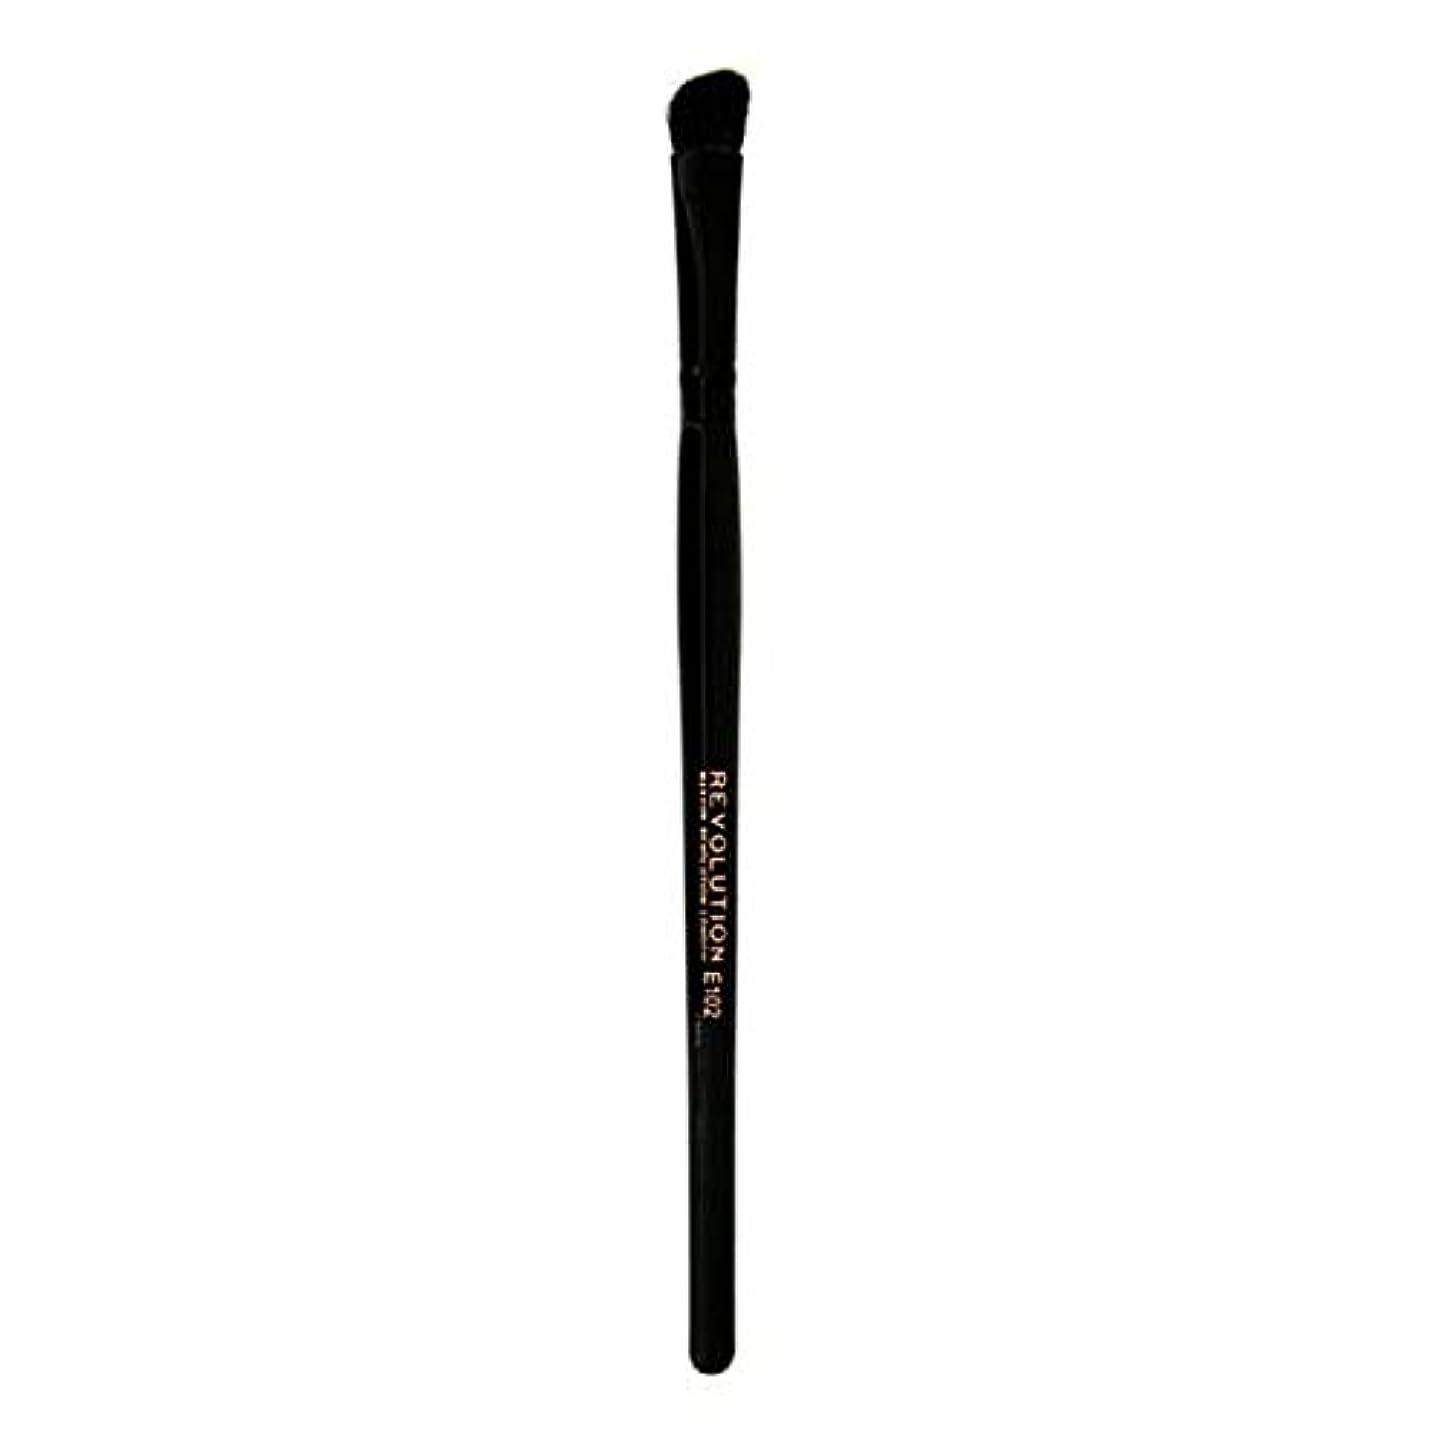 節約改修[Revolution ] 革命プロE102アイシャドウの輪郭メイクブラシ - Revolution Pro E102 Eyeshadow Contour Makeup Brush [並行輸入品]